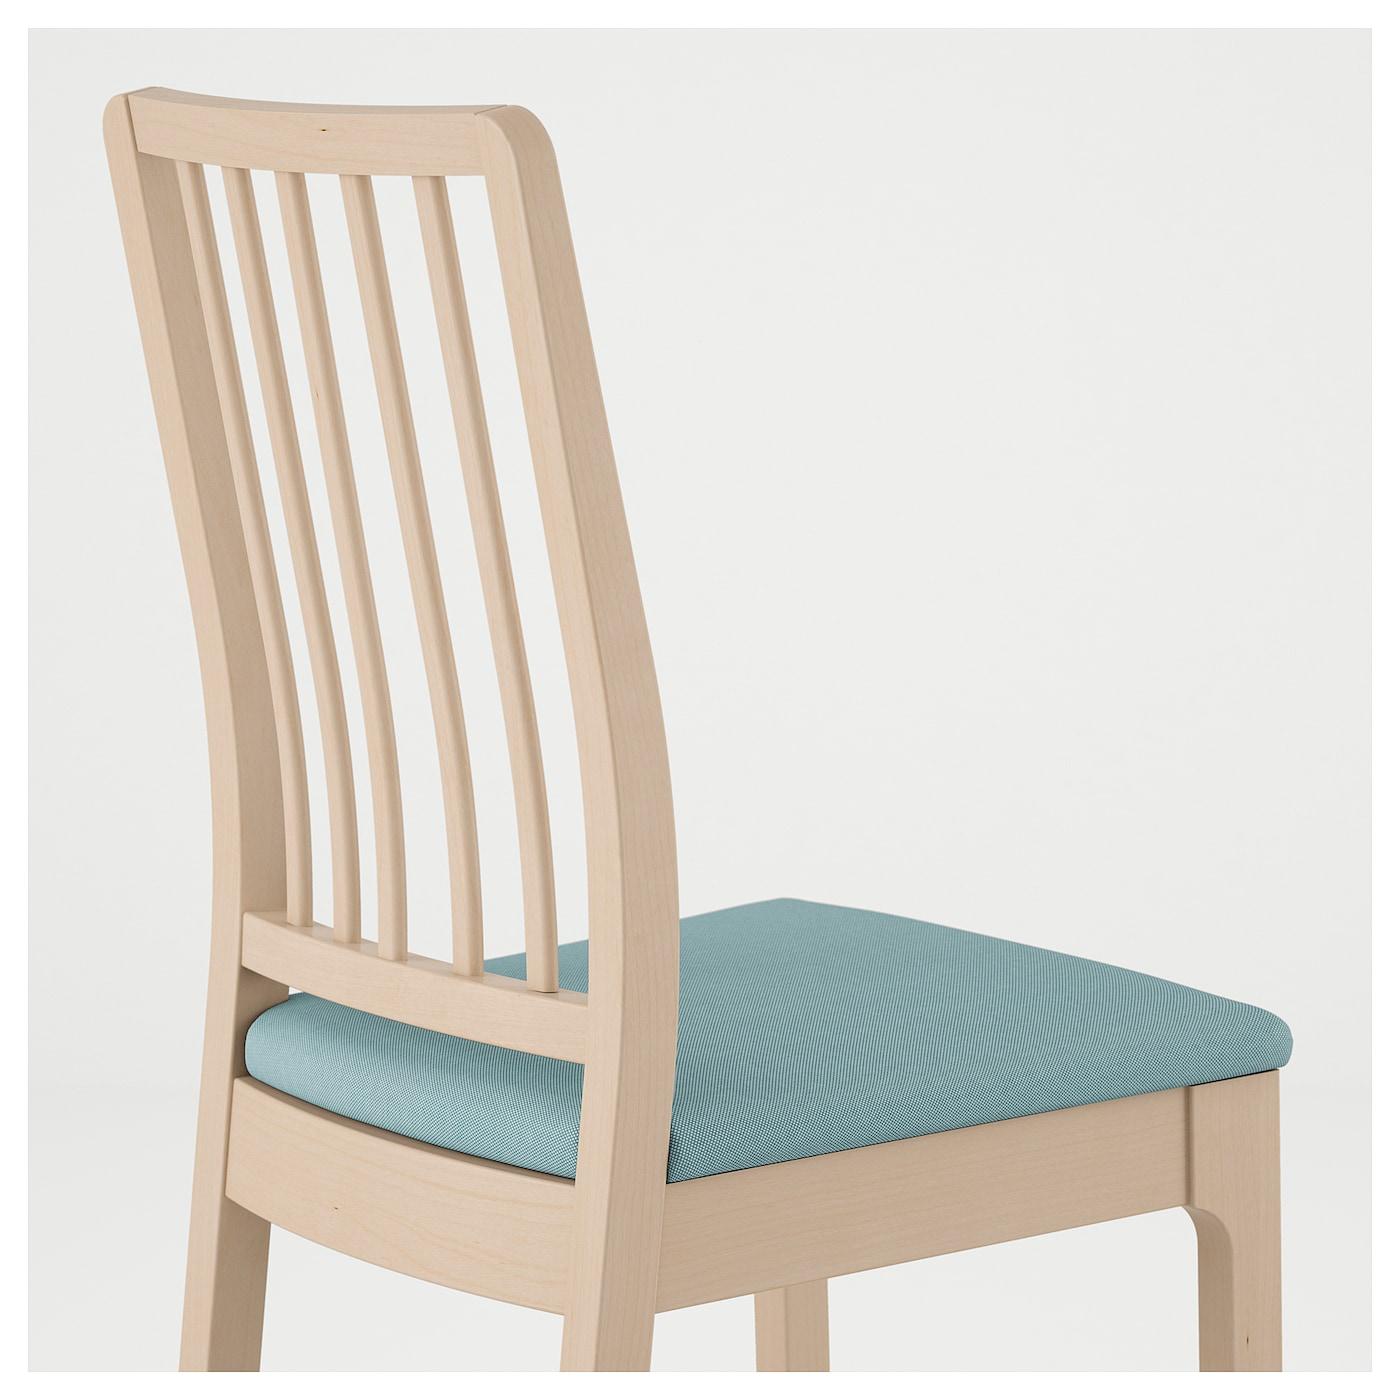 Ekedalen silla abedul orrsta azul claro ikea - Silla ekedalen ikea ...